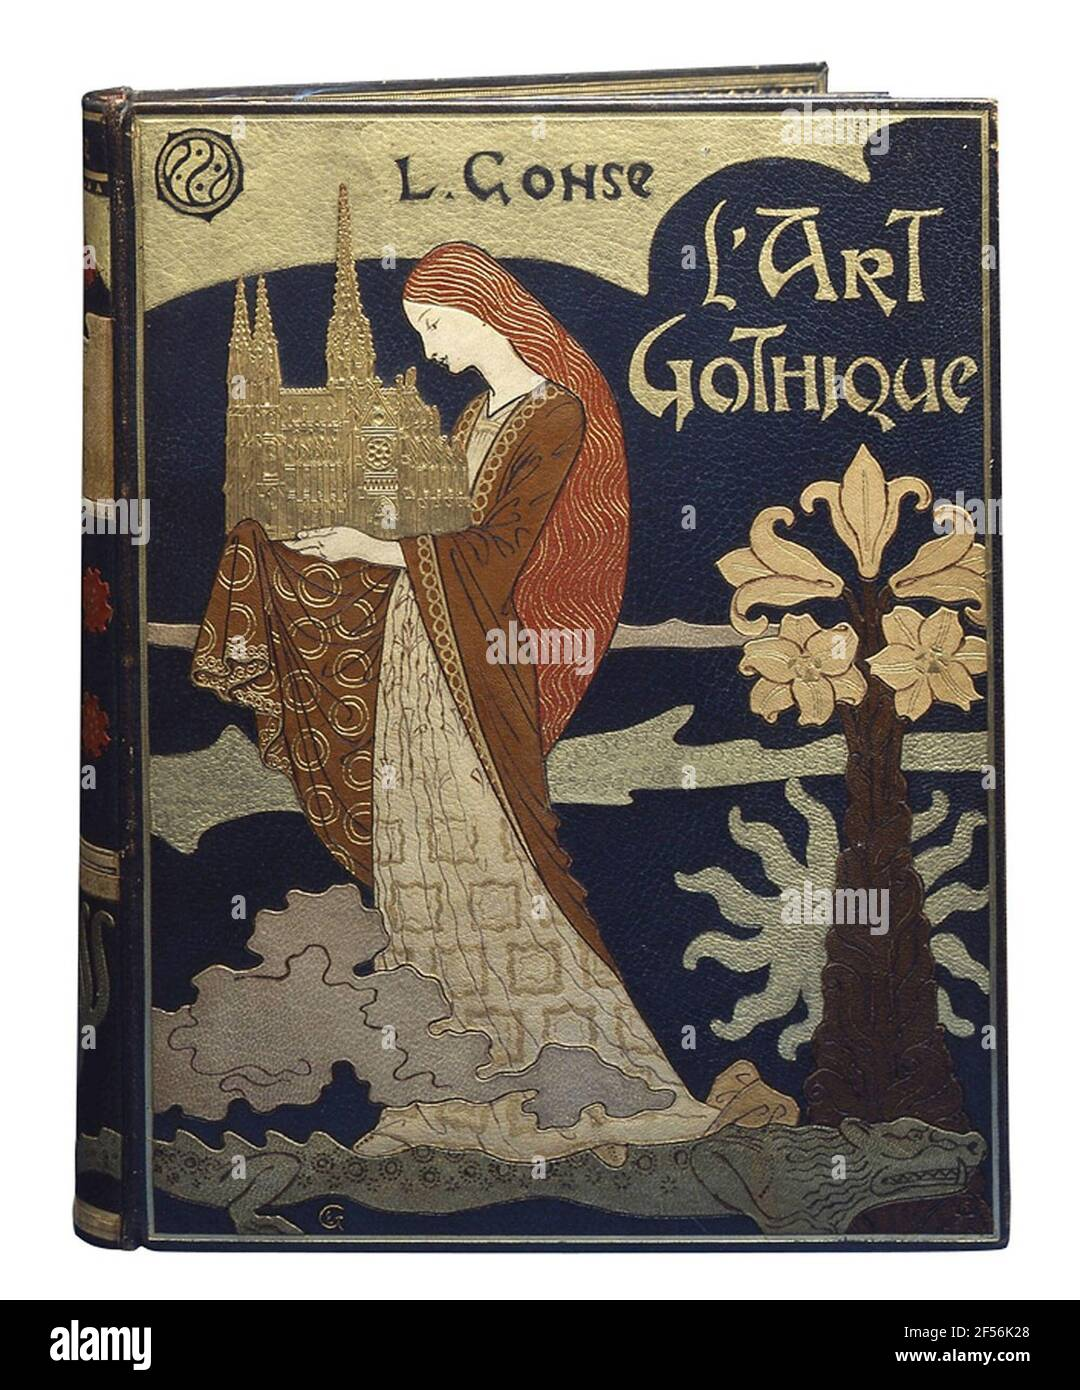 L'Art Gothique von Louis Gonse. Aus dem vielseitigen Eugène Grasset kommt die Designzeichnung für diesen einzigartigen Bucheinband. Grasset war Schweizer, wurde später in Frankreich eingebürgert und lehrte lange Zeit in Paris. Er ist einer der bedeutendsten französischen Künstler, der in fast allen Bereichen der angewandten Kunst tätig ist. René Wiener führte die Buchhandlung seiner Familie in der französischen Nancy fort und erwarb sich einen großen Ruf als Buchbinder. Mit der Umsetzung des Grasses-Designs mit bunten Lederzahlen aus Maroquin wurde eine der ausgezeichneten Bucheinladungen der École de Nancy geschaffen. Erworben auf der Weltausstellung in P Stockfoto